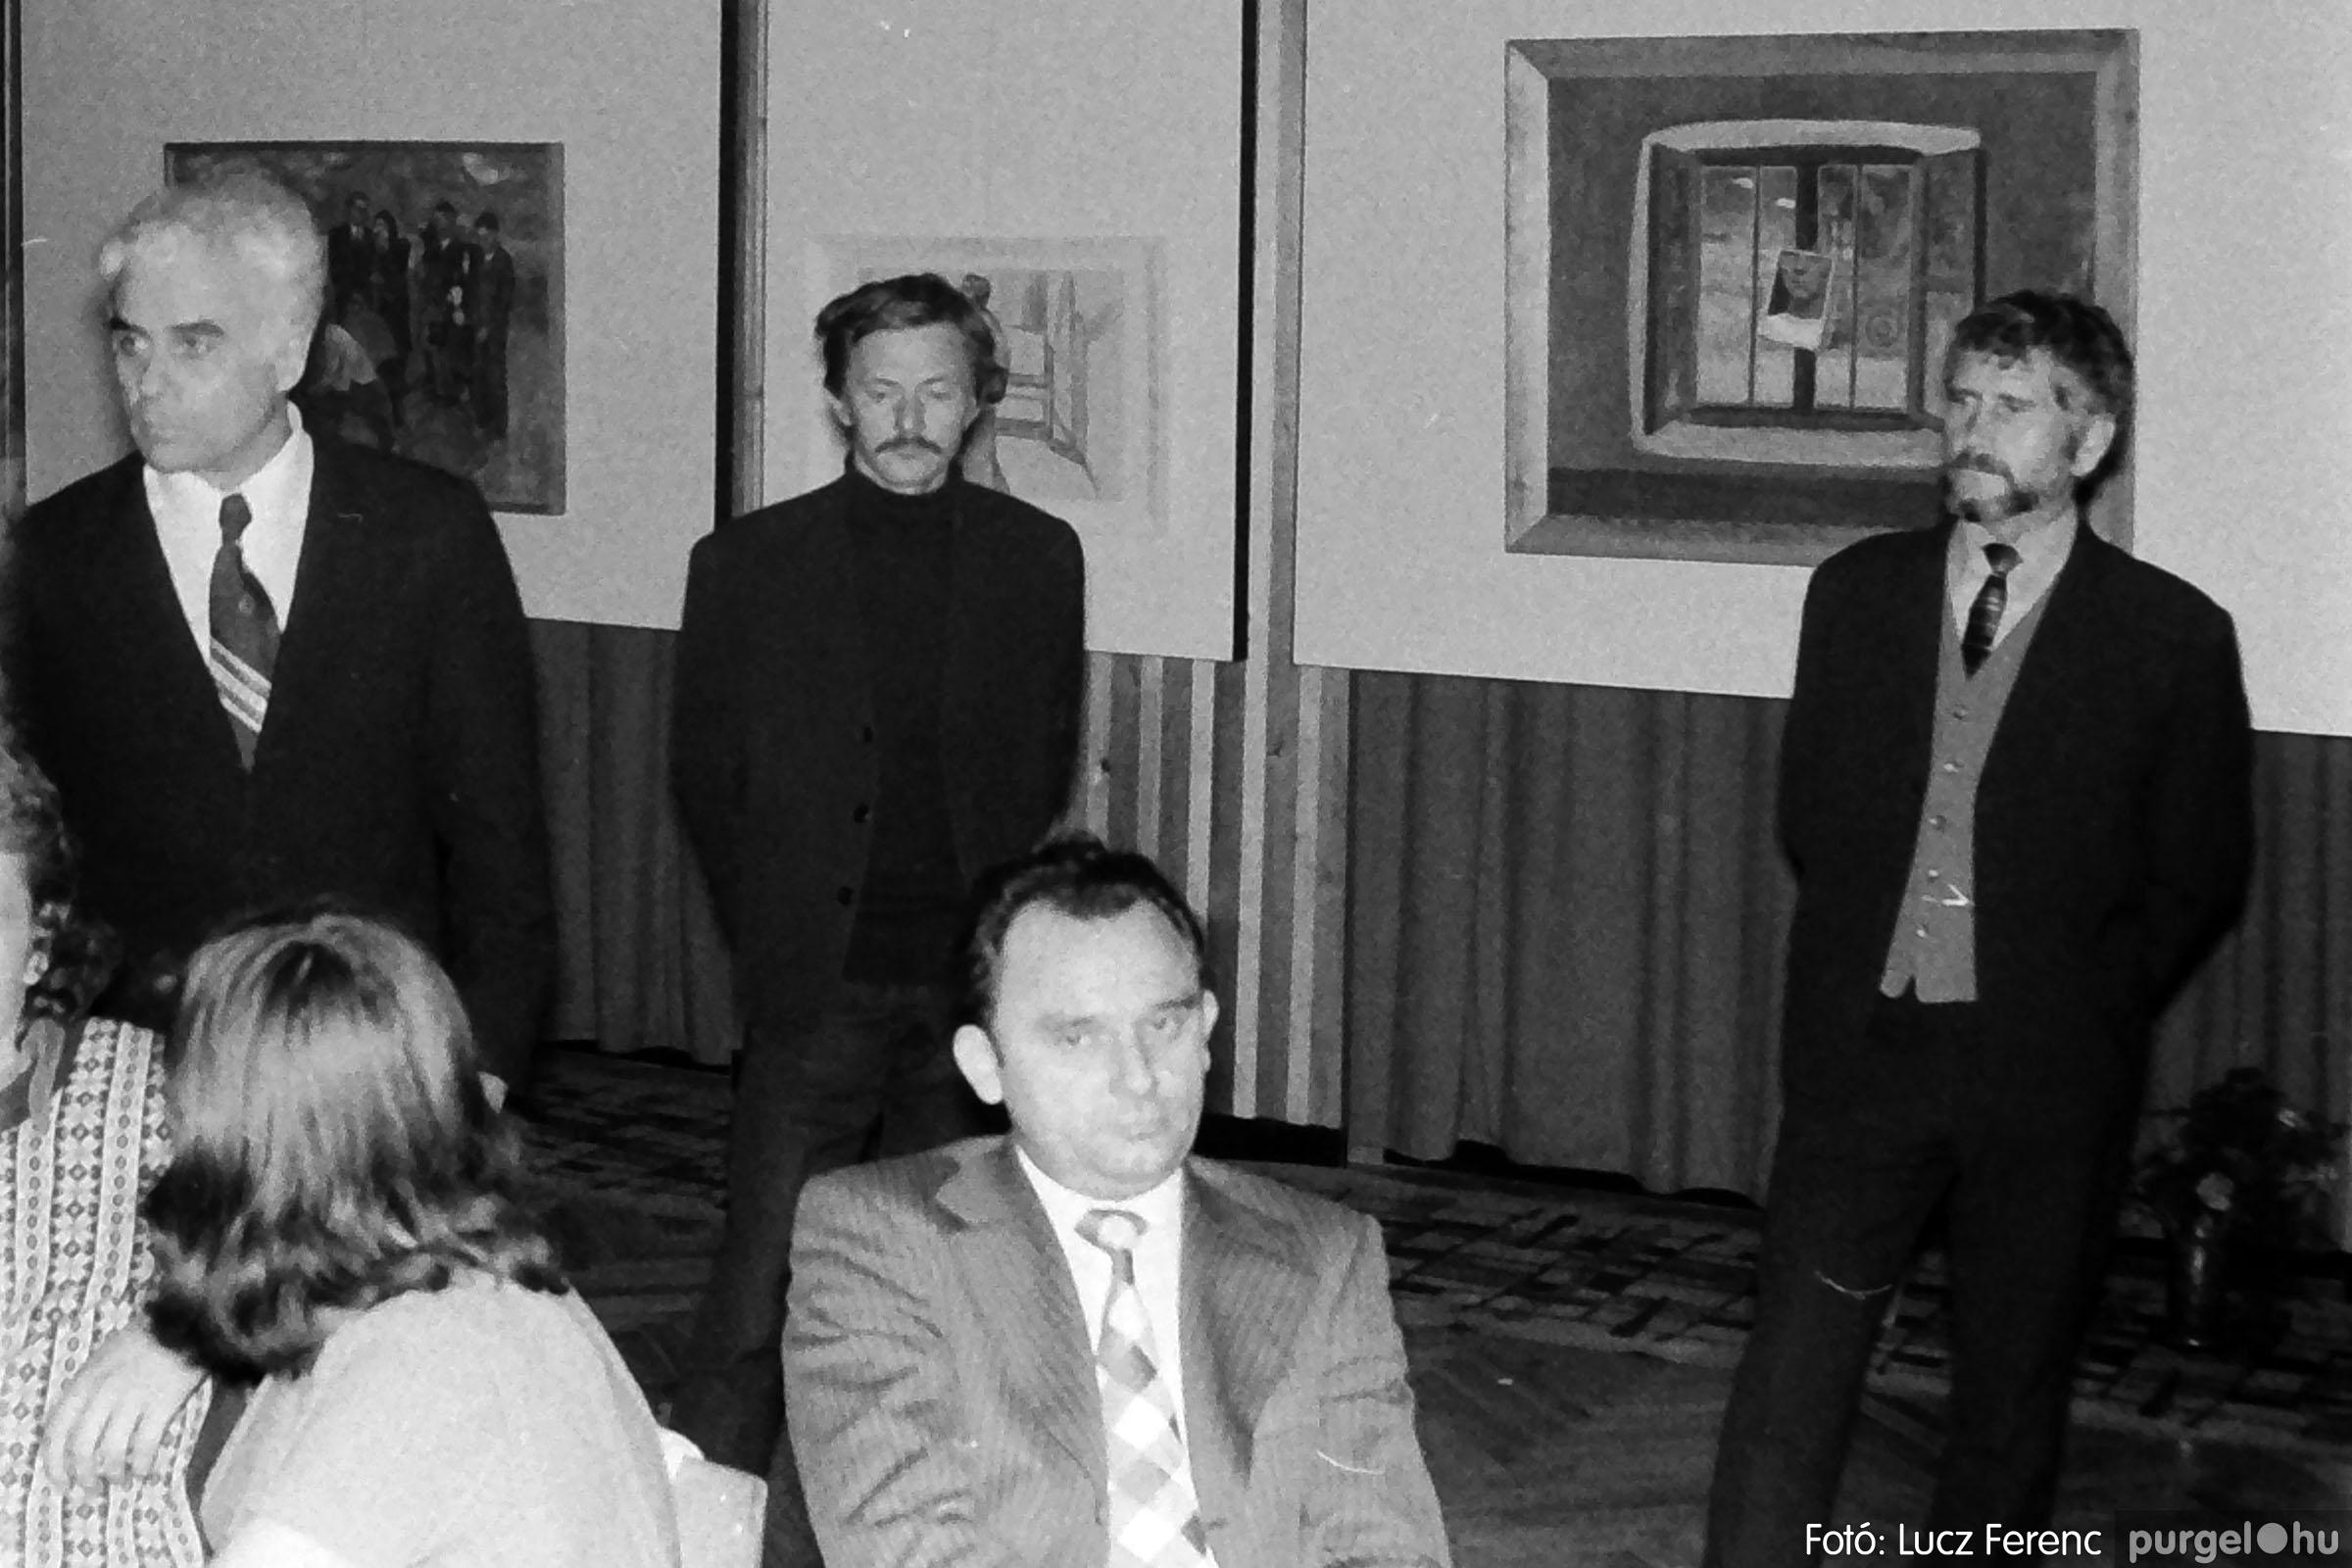 024 1975.10. Németh József és Szalay Ferenc festőművészek kiállítása 016 - Fotó: Lucz Ferenc IMG00217q.jpg